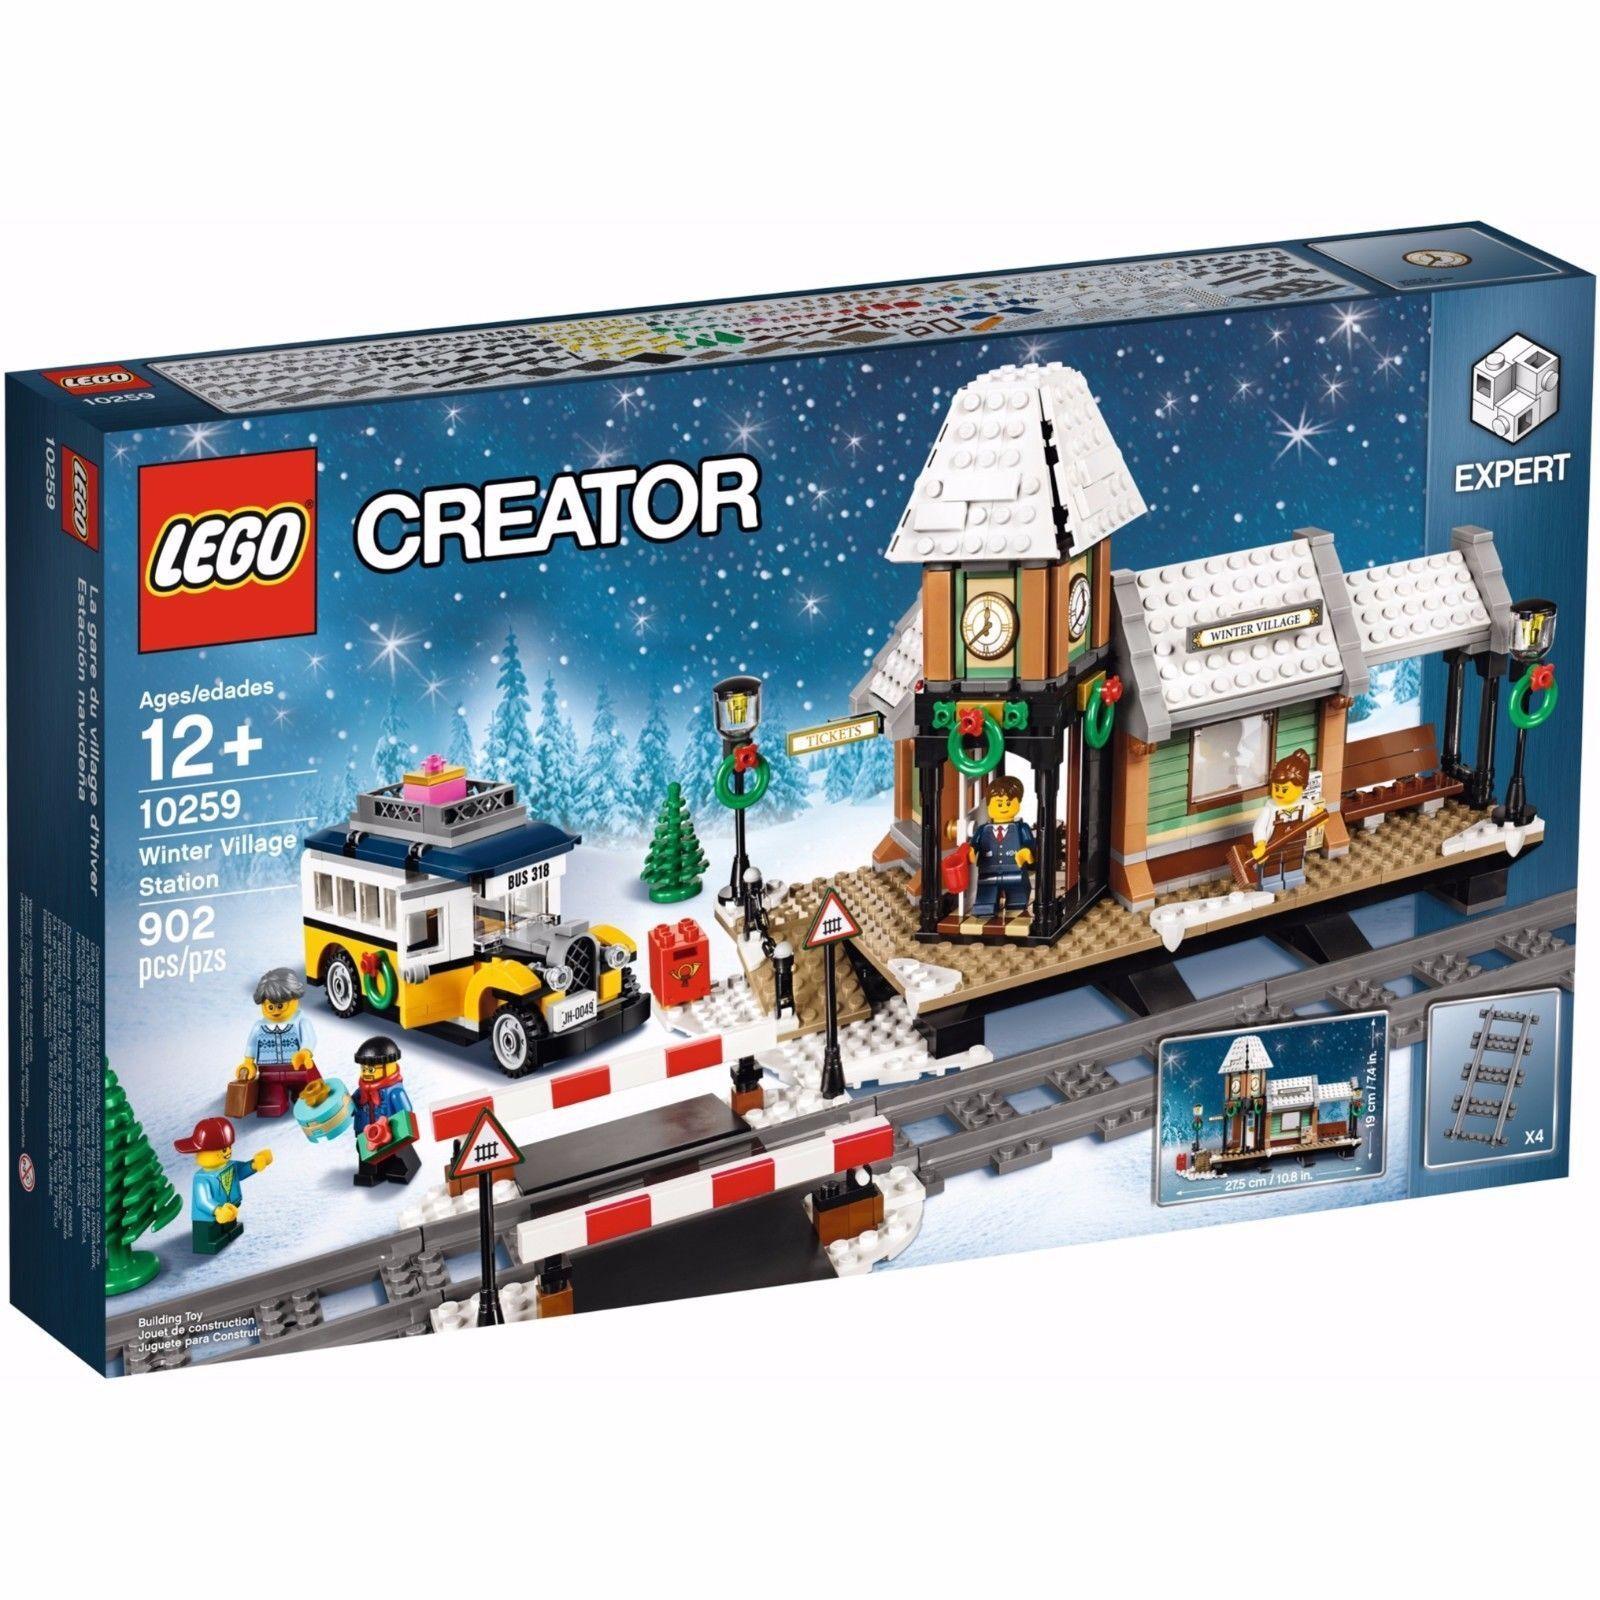 LEGO  CREATOR EXPERT 10259 STAZIONE DEL VILLAGGIO INVERNALE NUOVO  perfezionare